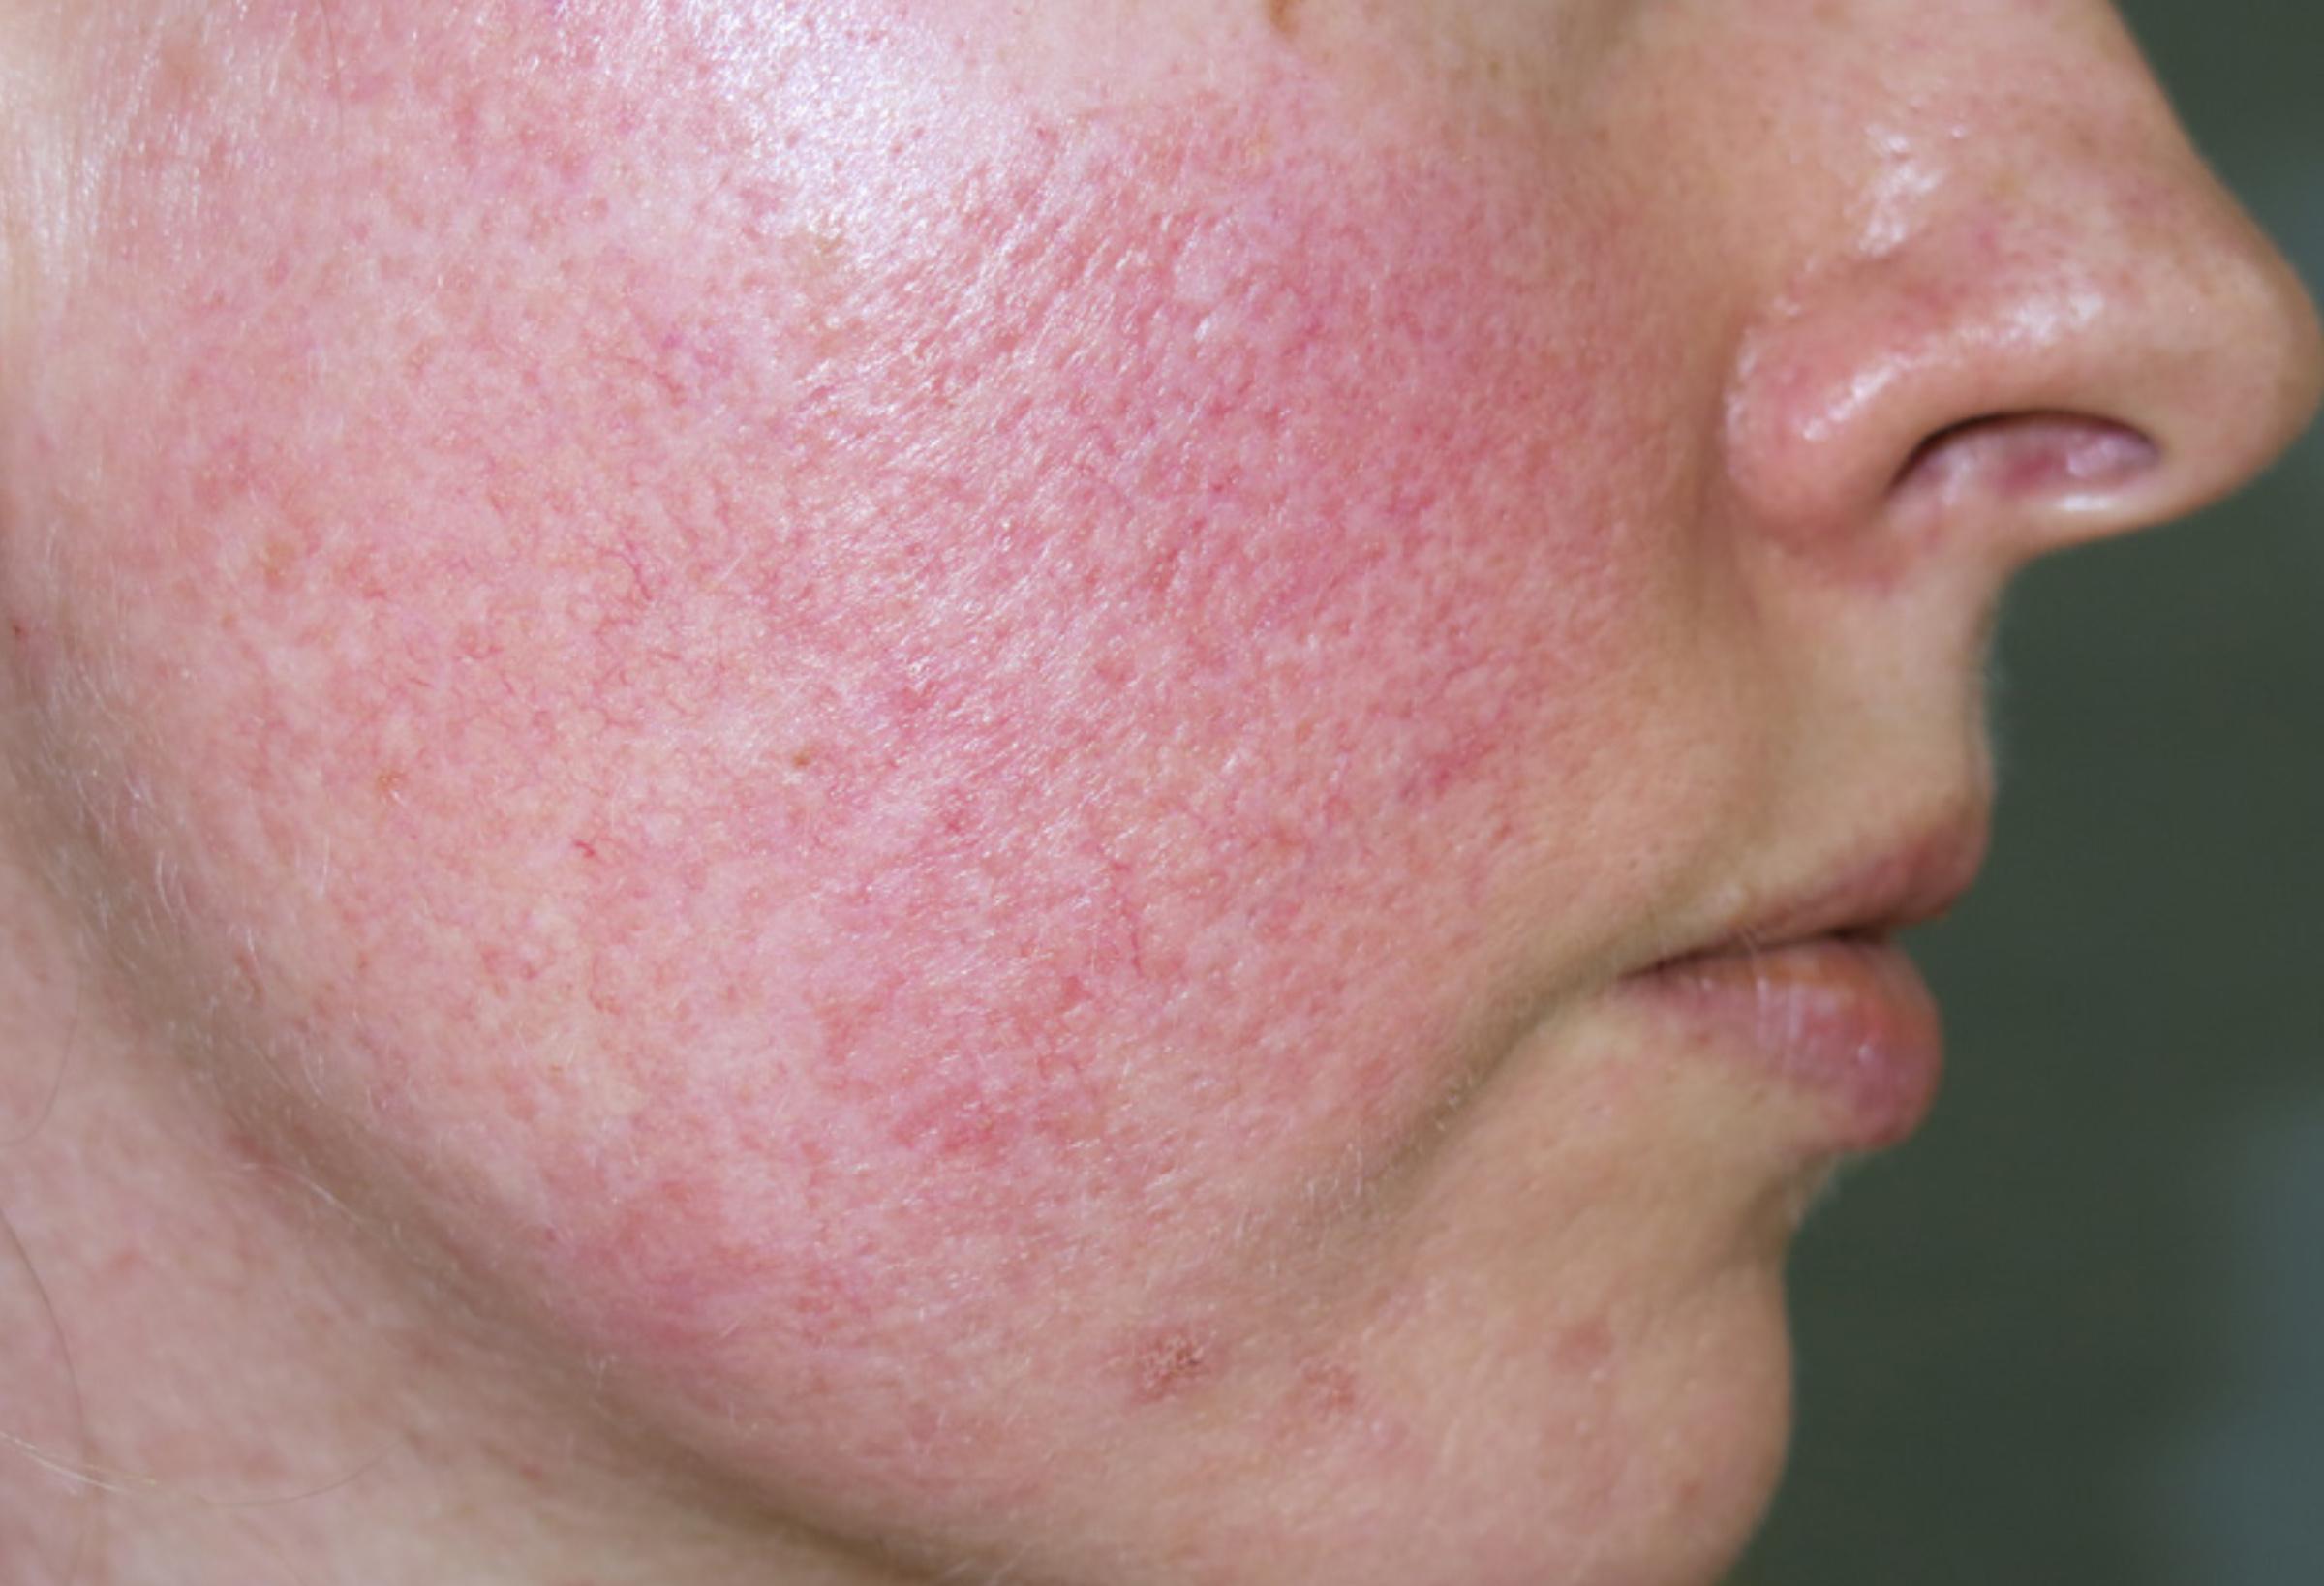 hogyan lehet megszabadulni az arcbőr piros foltjaitól)